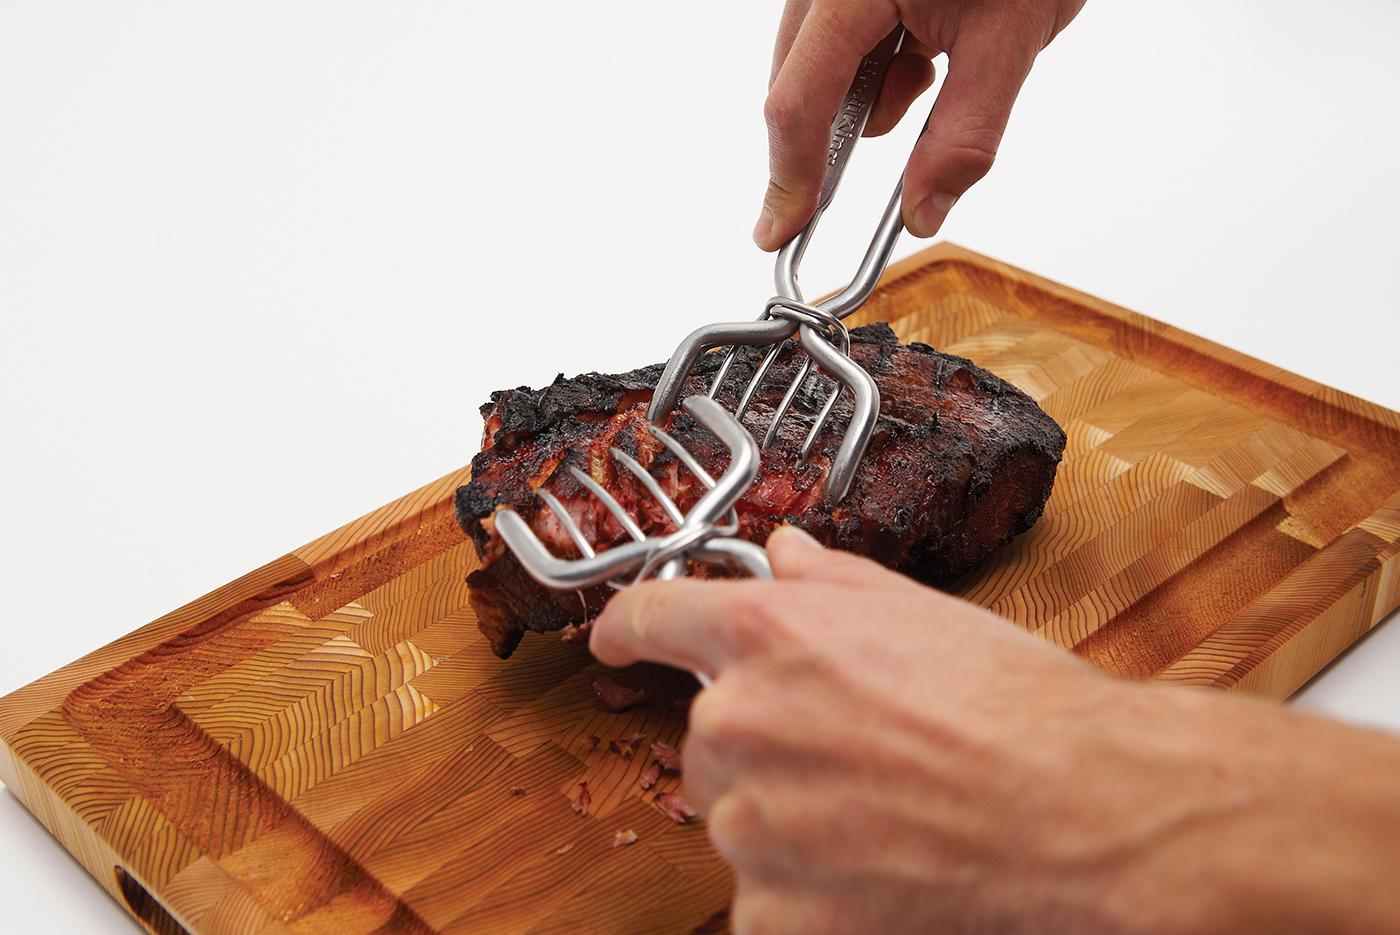 Pulled Pork Gasgrill Outdoorchef : Pulled pork gabeln er set von broil king